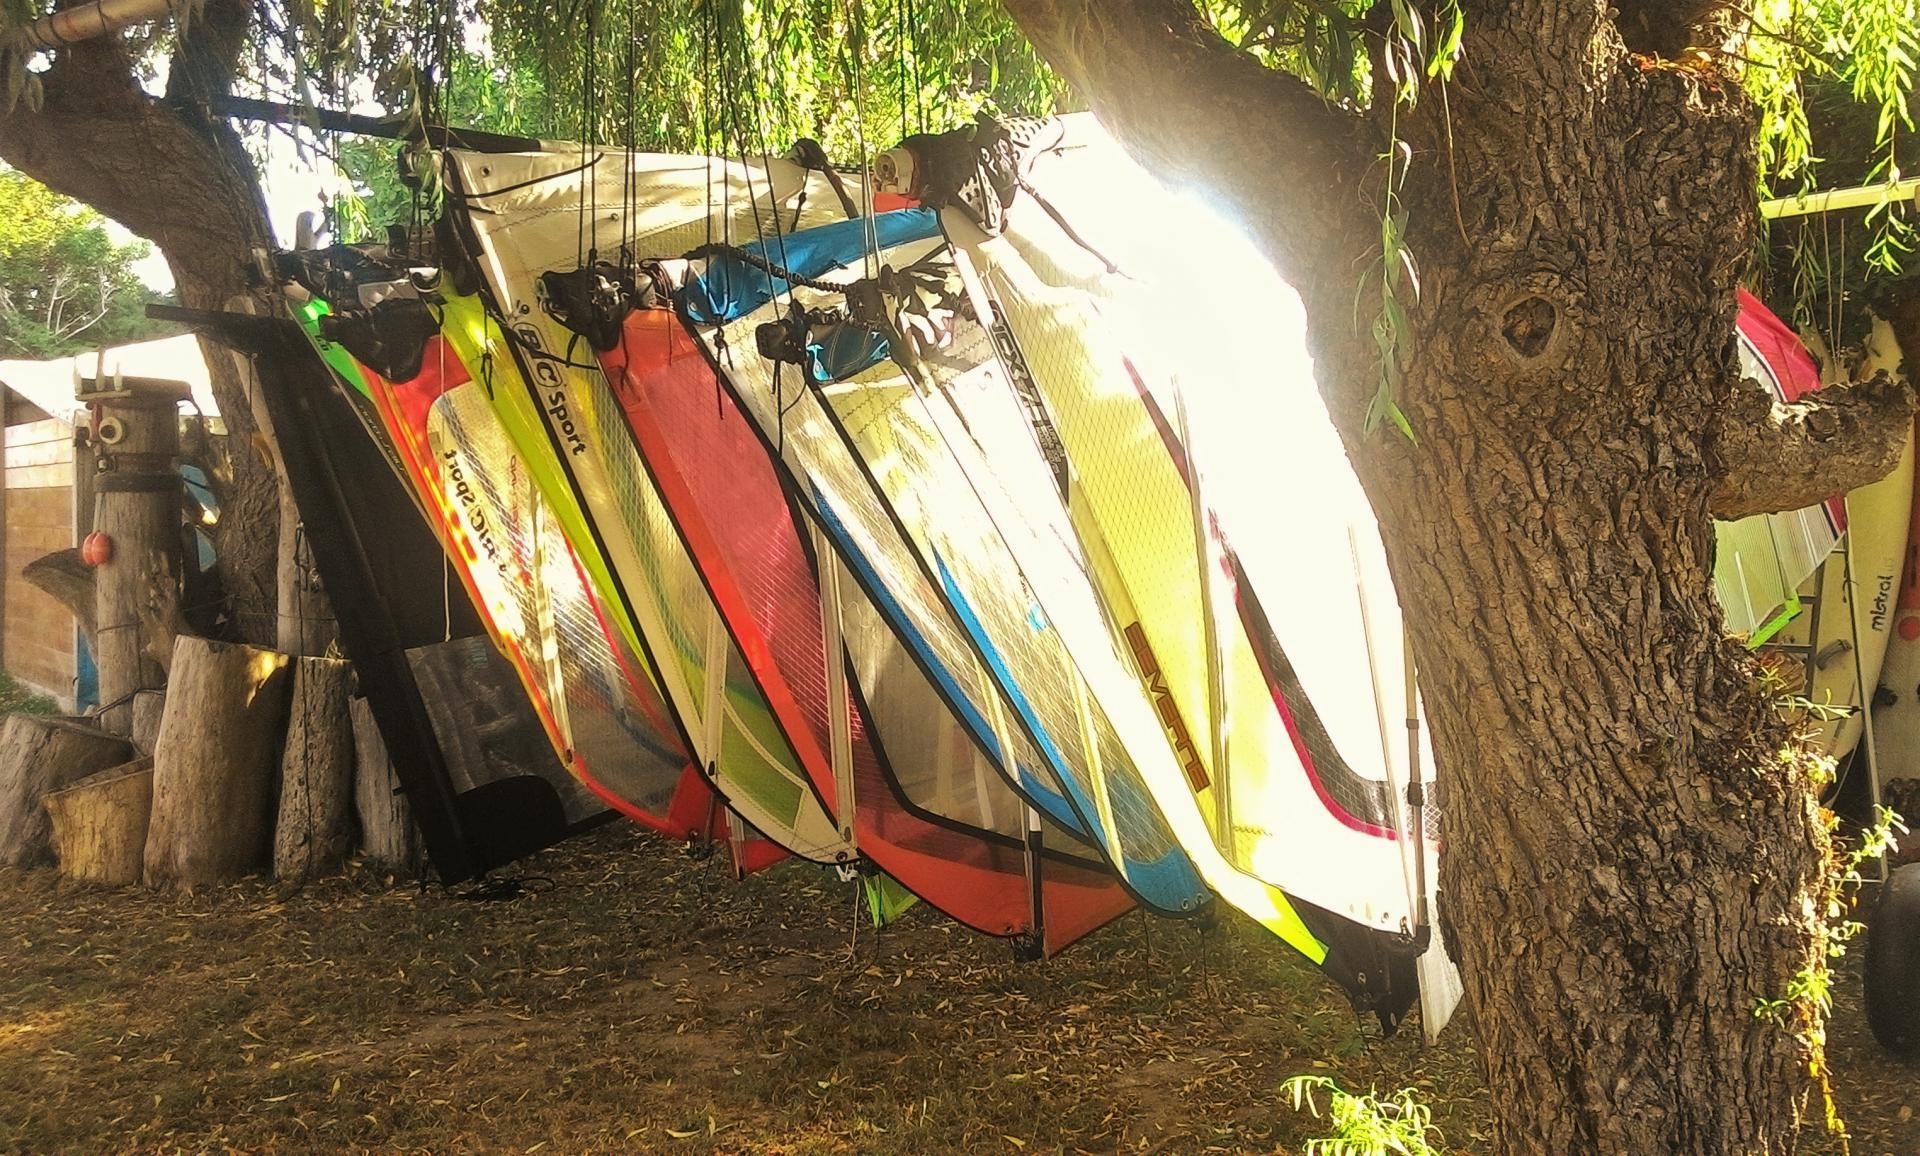 Club Nautique du Rohu - Les voiles de planche